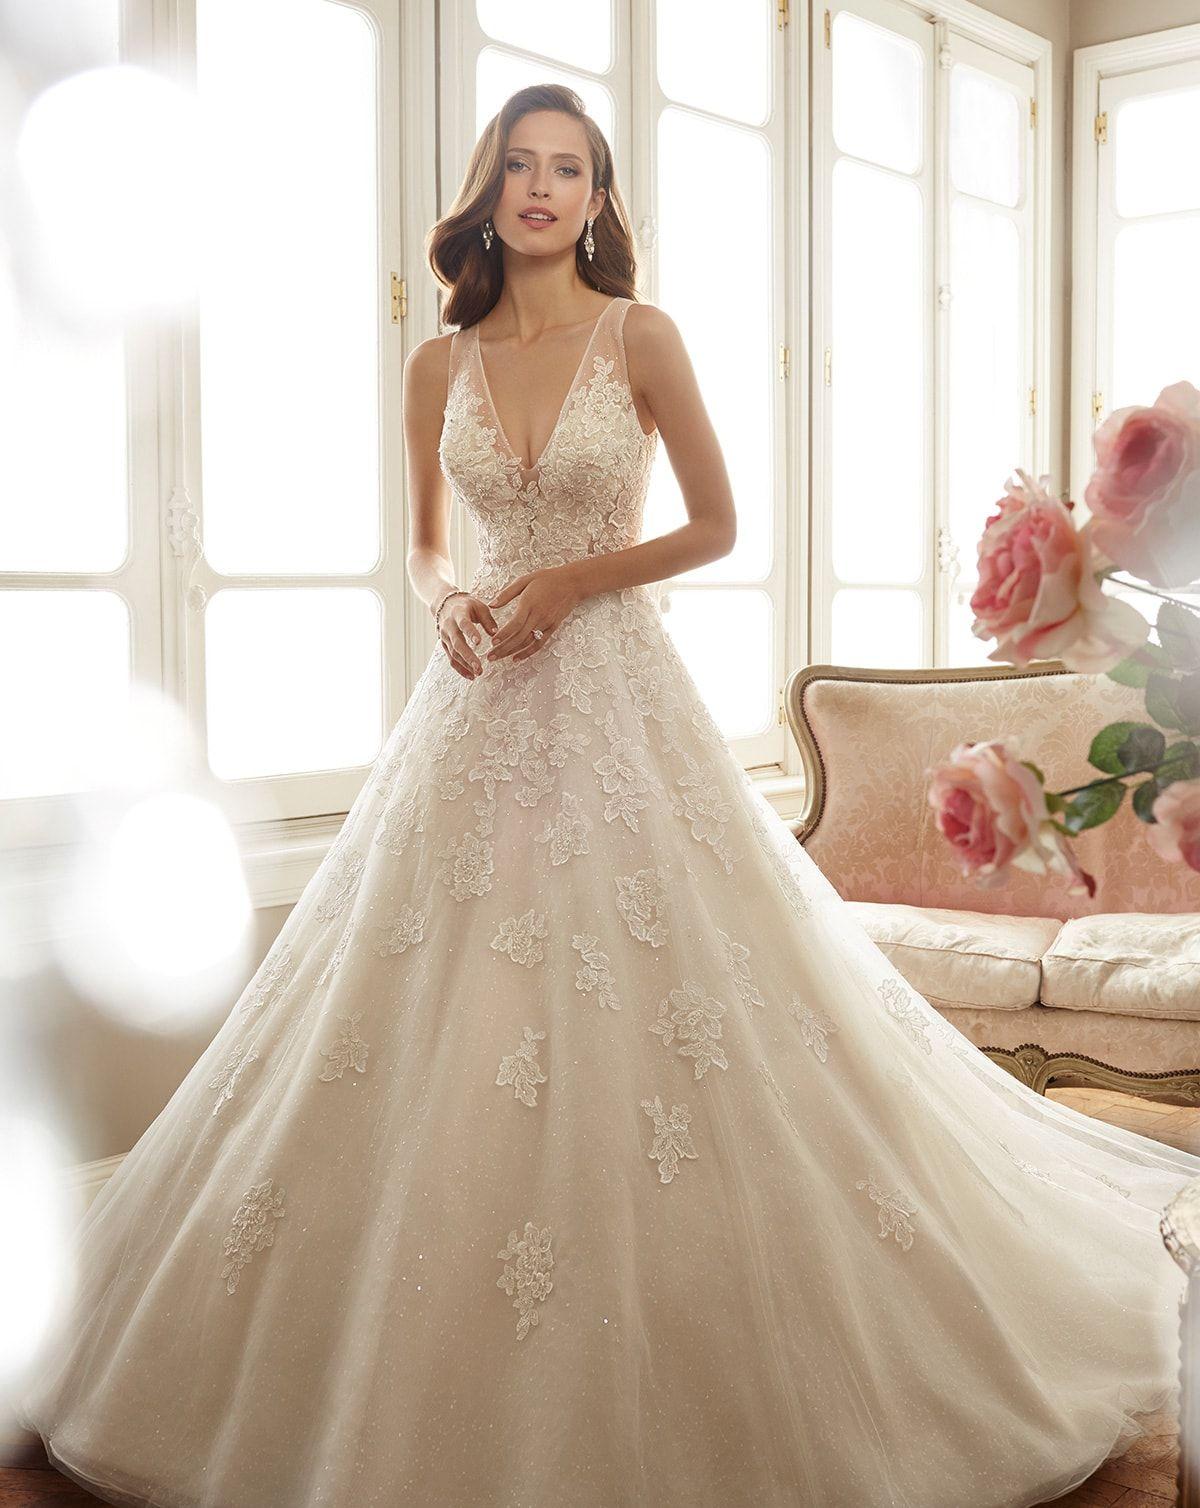 Berühmt Brautkleid Verleih Tampa Bilder - Hochzeit Kleid Stile Ideen ...